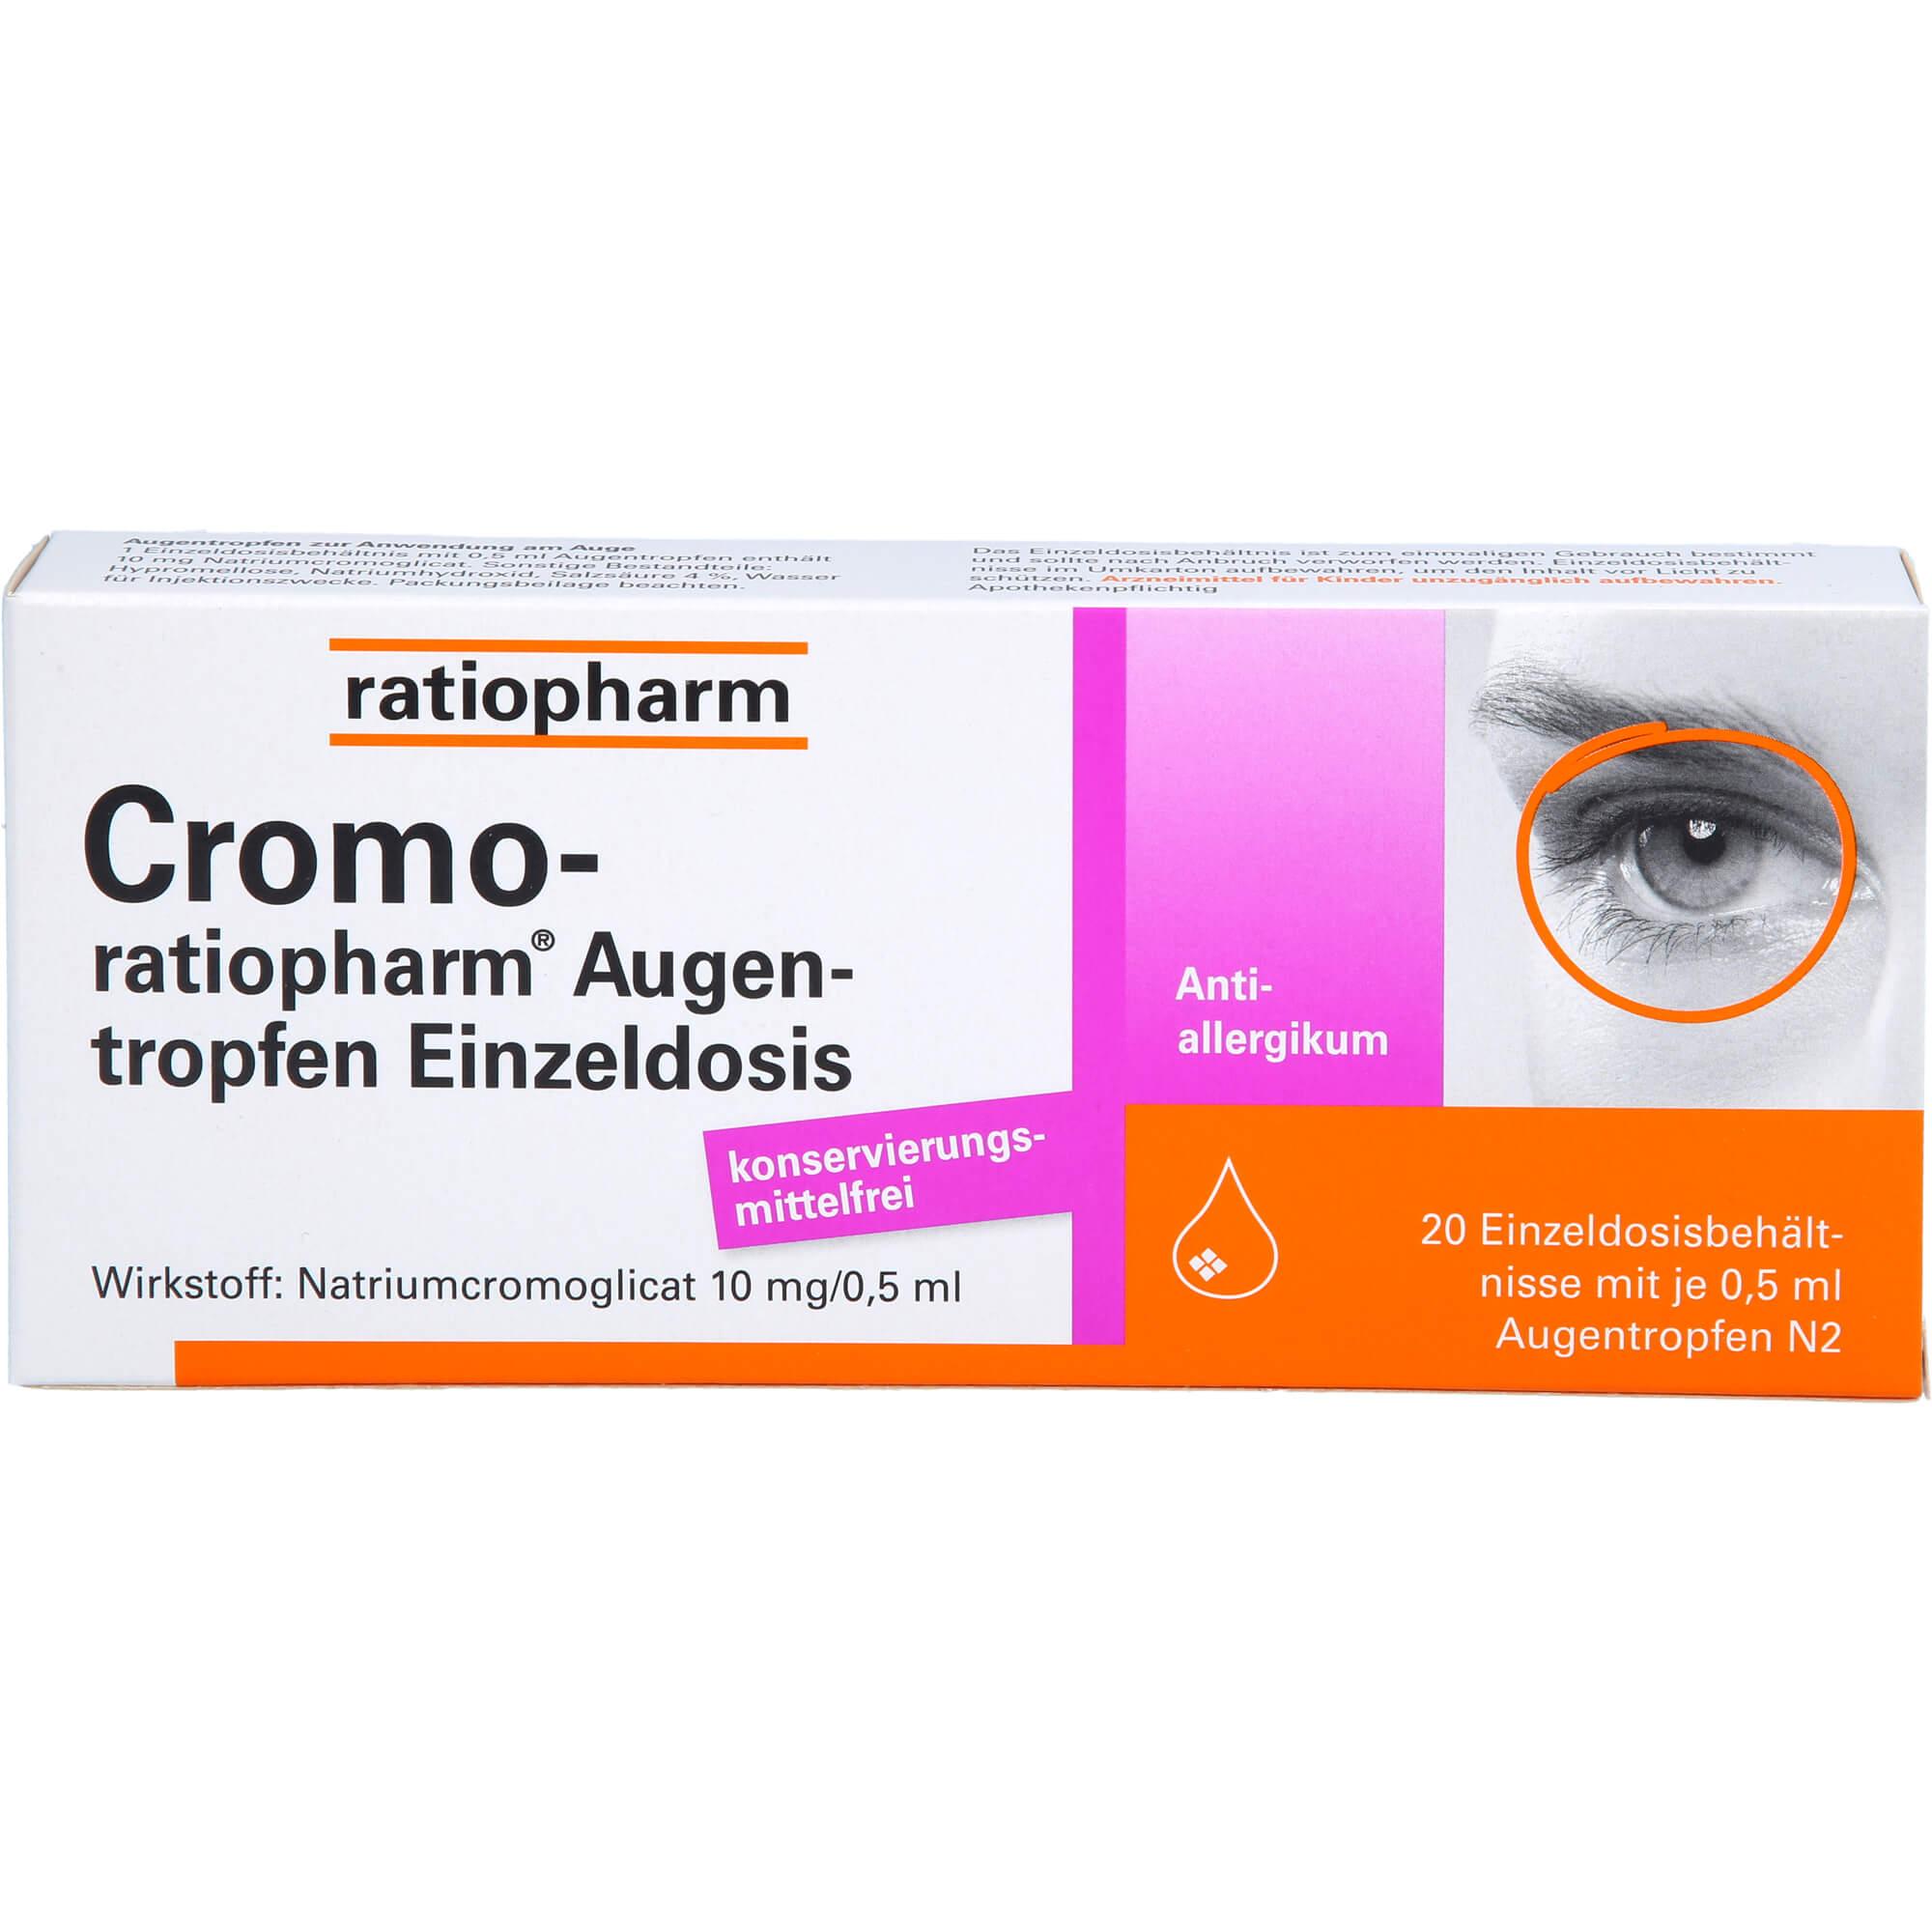 CROMO-RATIOPHARM-Augentropfen-Einzeldosis